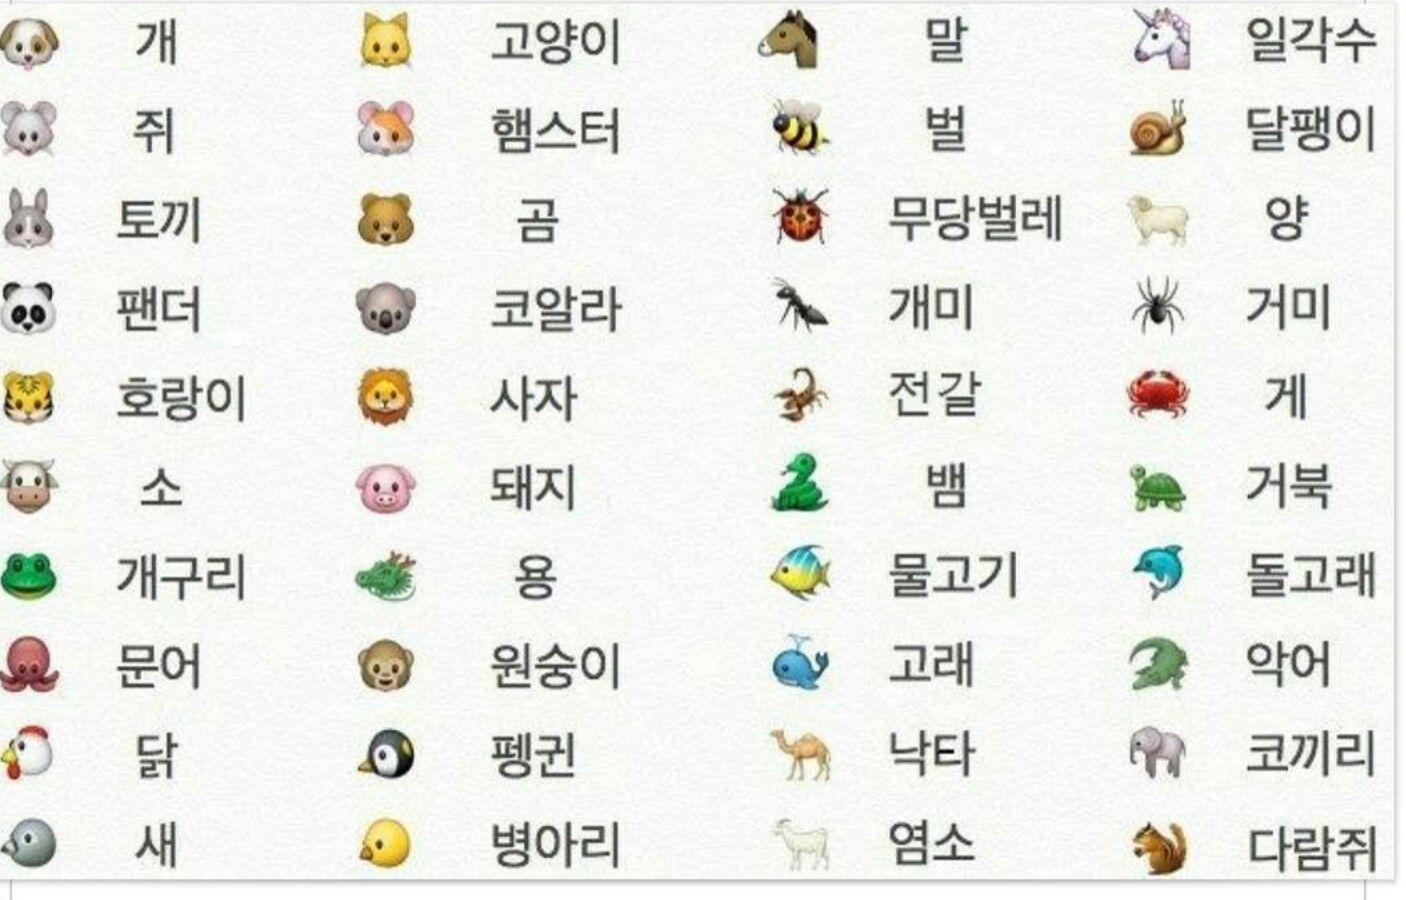 действующих перевод по картинке корейский свежие новости, фотографии